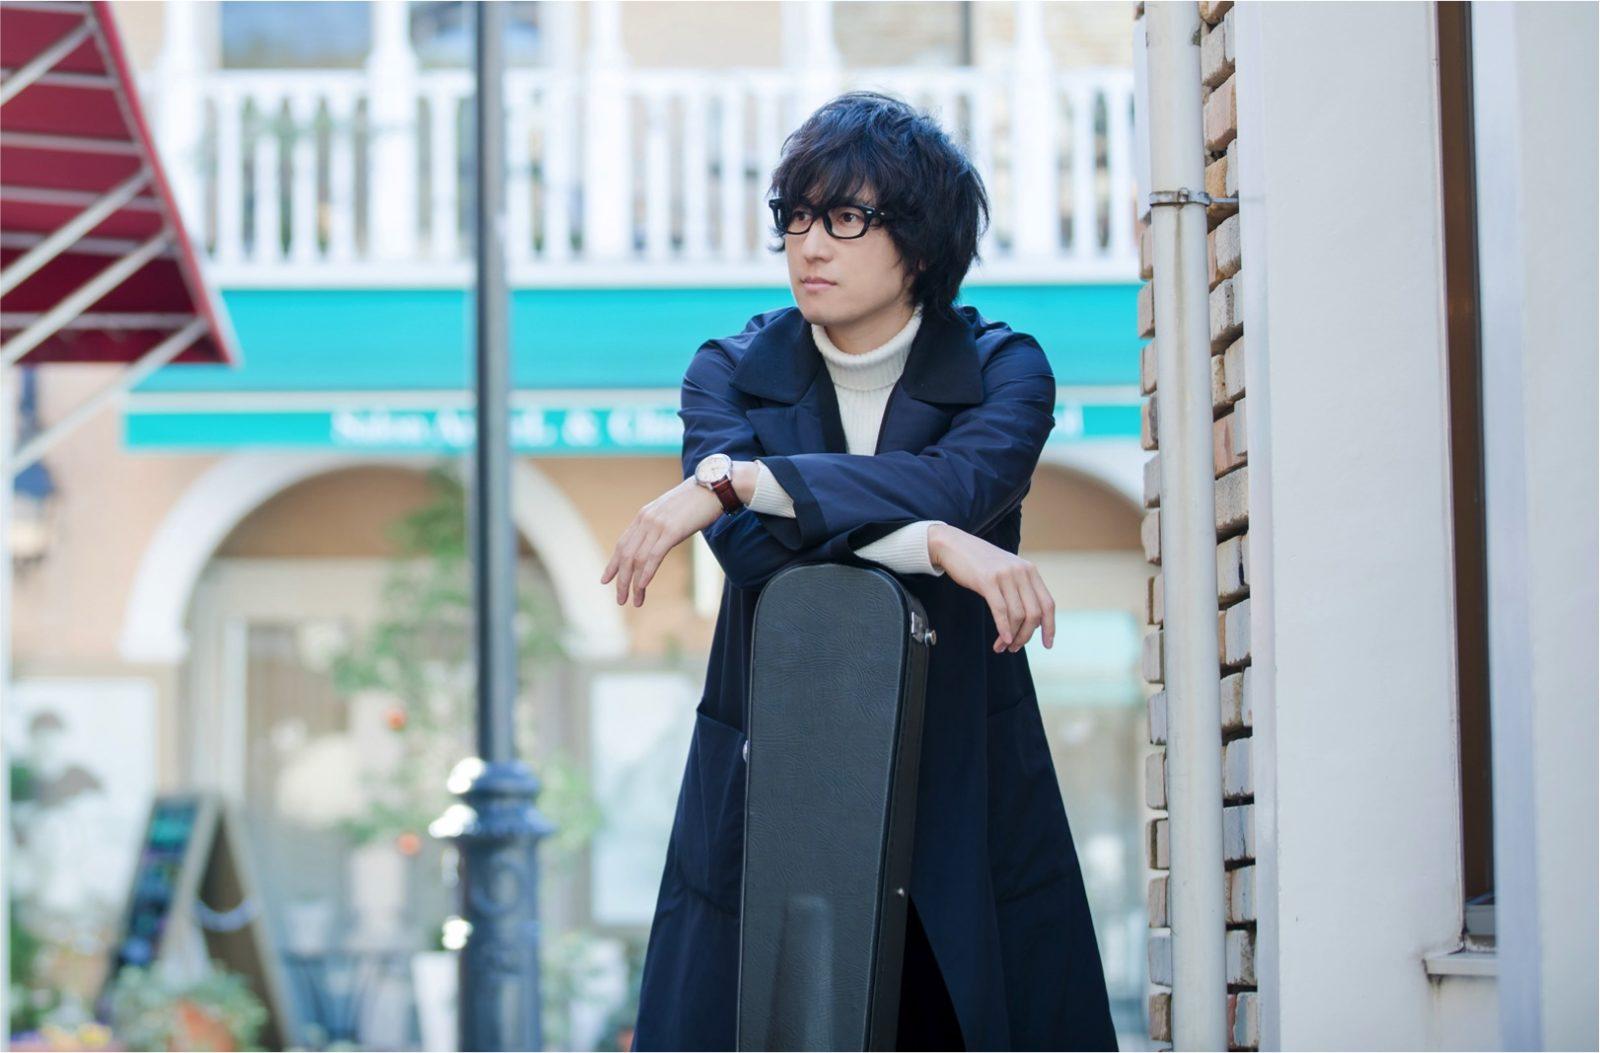 """人気音楽YouTuber・Kobasoloと""""イケボ""""未来(ザ・フーパーズ)の強力タッグが1stEP「MIRAI COVERS」を語る画像68595"""